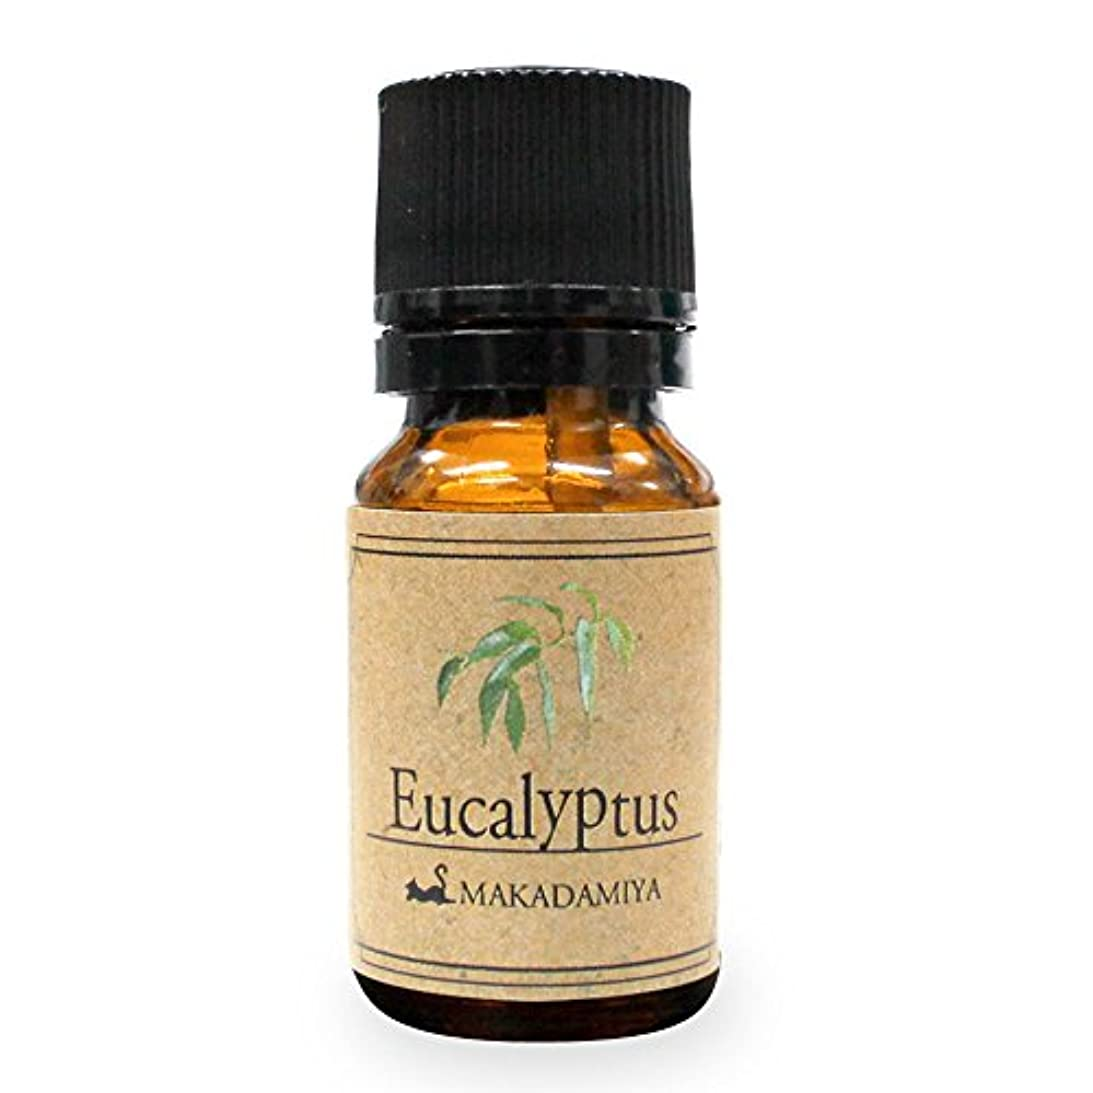 ありがたい湿気の多いストラップユーカリ10ml 天然100%植物性 エッセンシャルオイル(精油) アロマオイル アロママッサージ aroma Eucalyptus